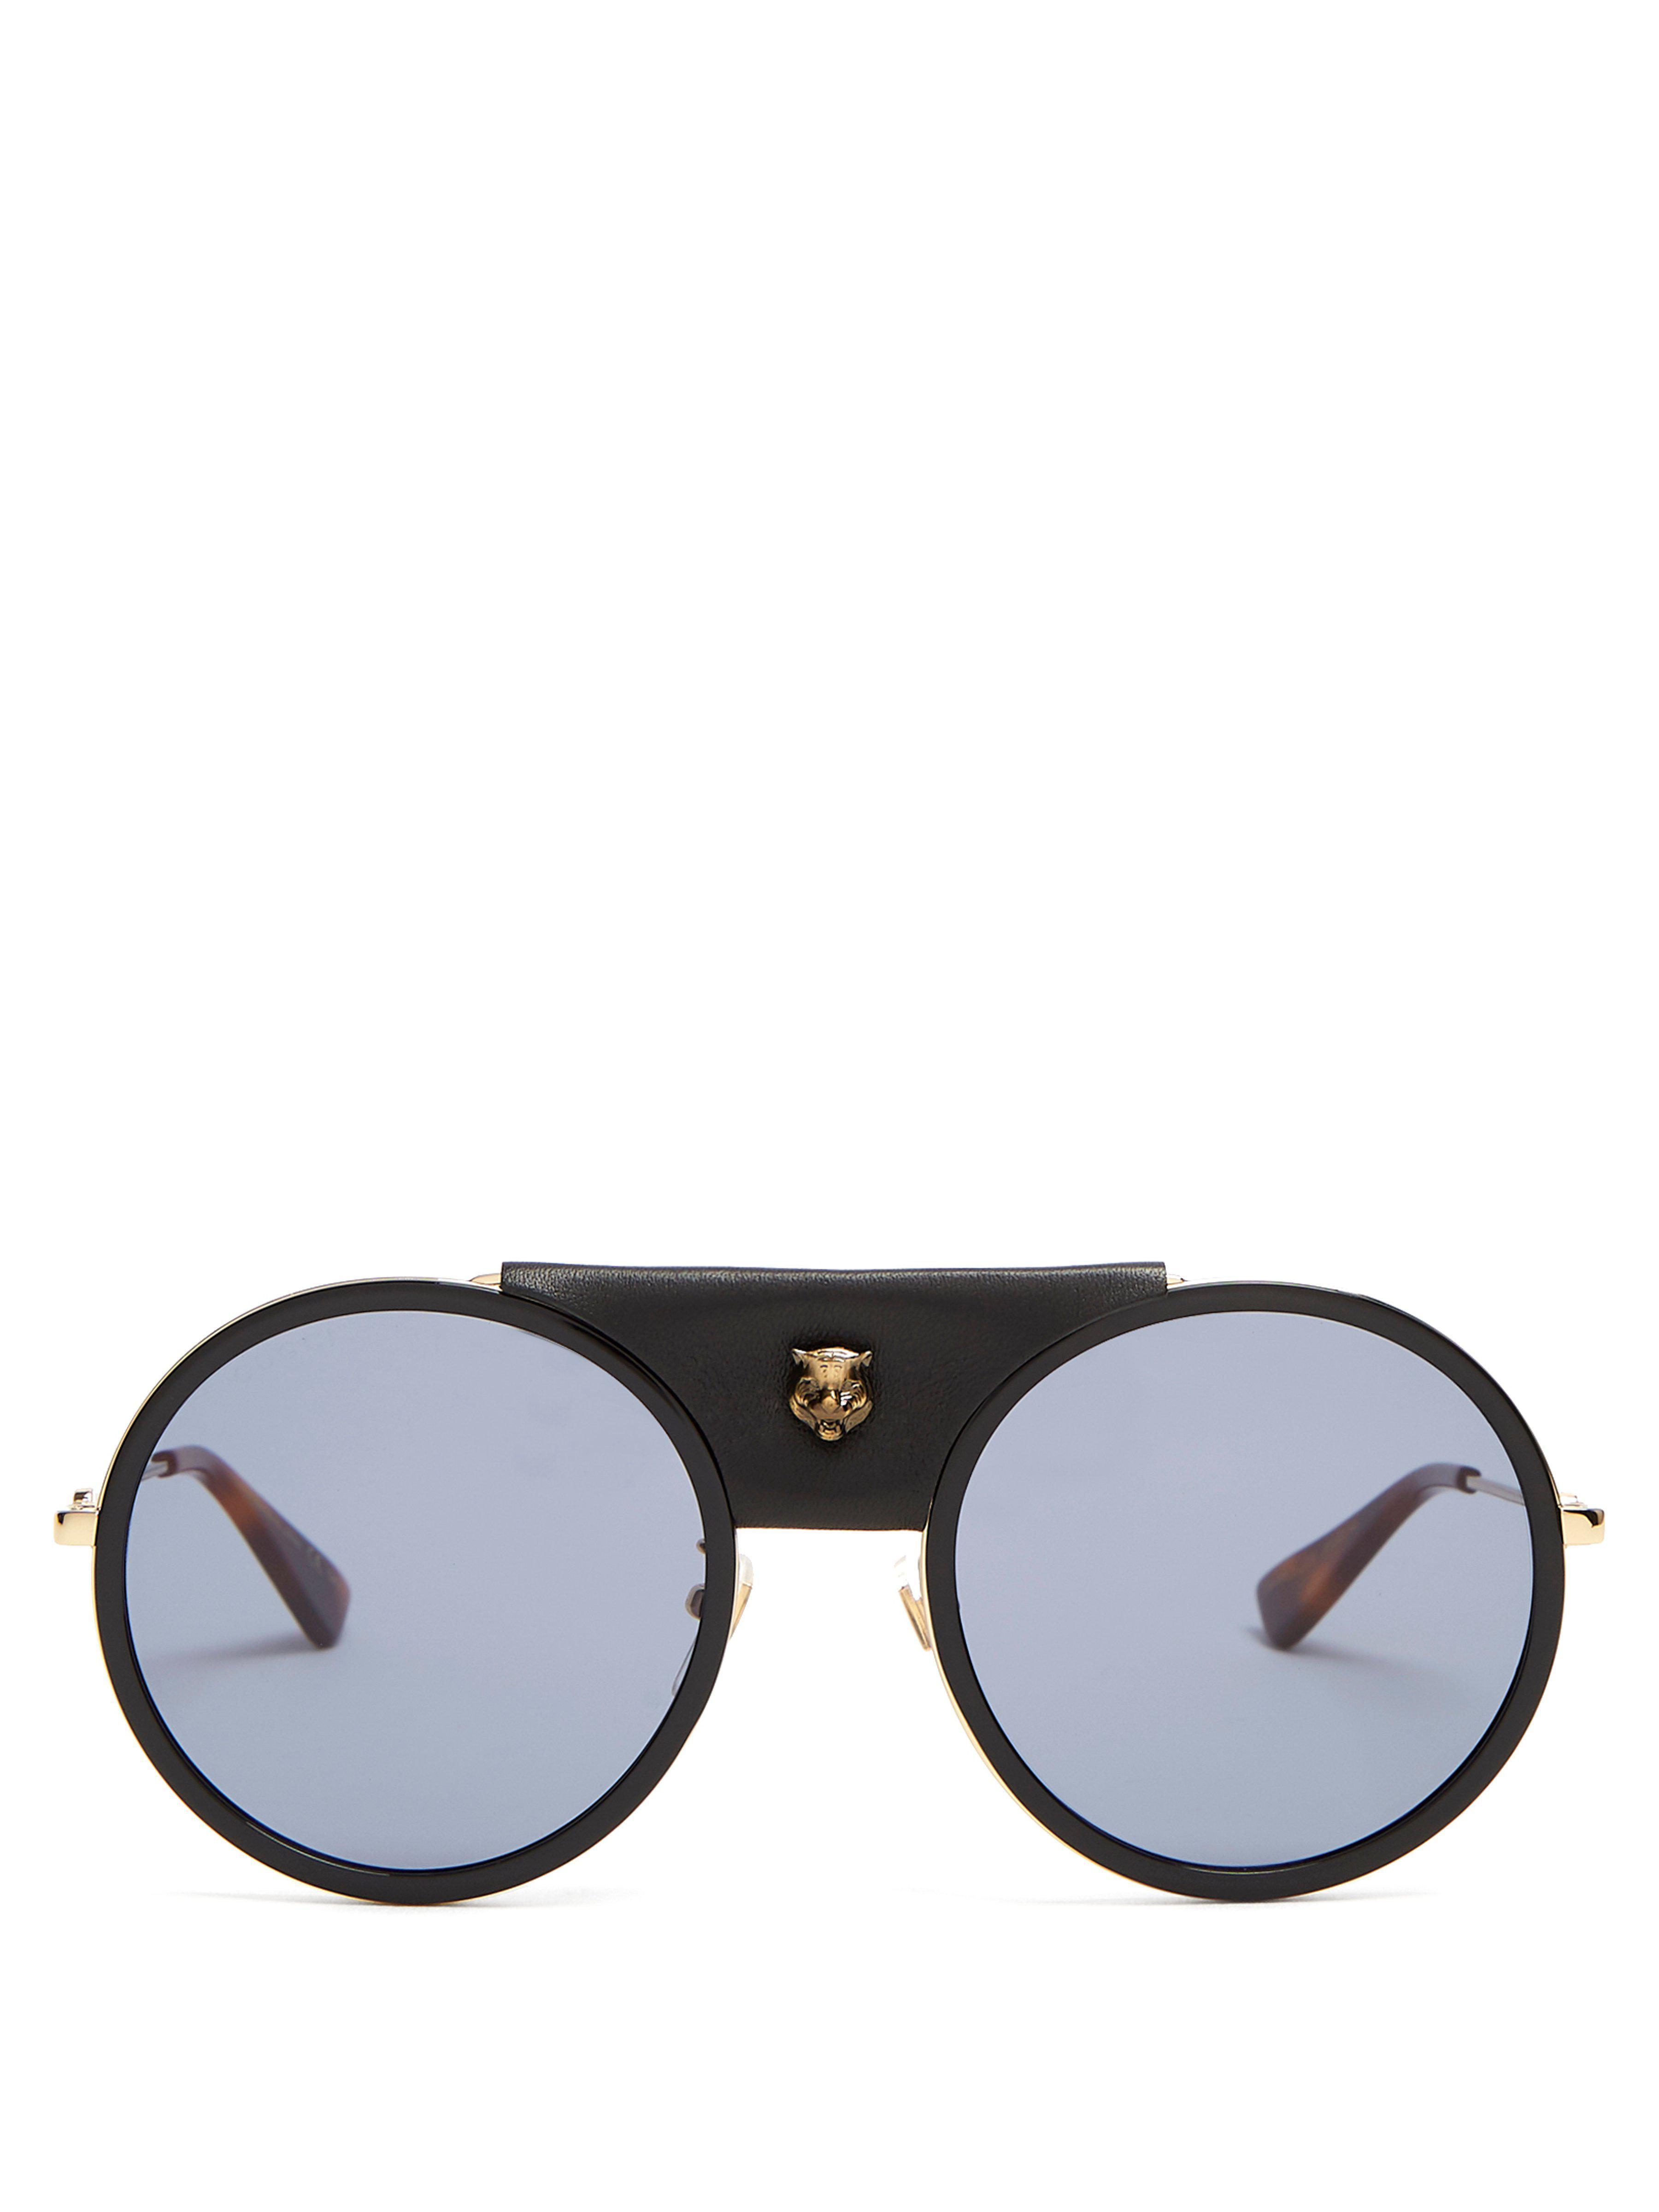 a5d1a7a4251 Lyst - Lunettes de soleil rondes en métal finitions cuir Gucci pour ...